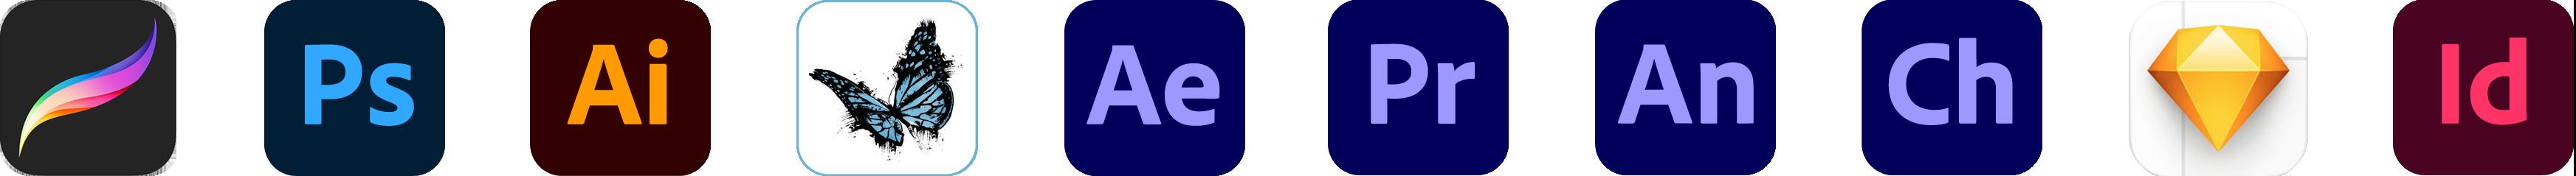 icons_box_soft